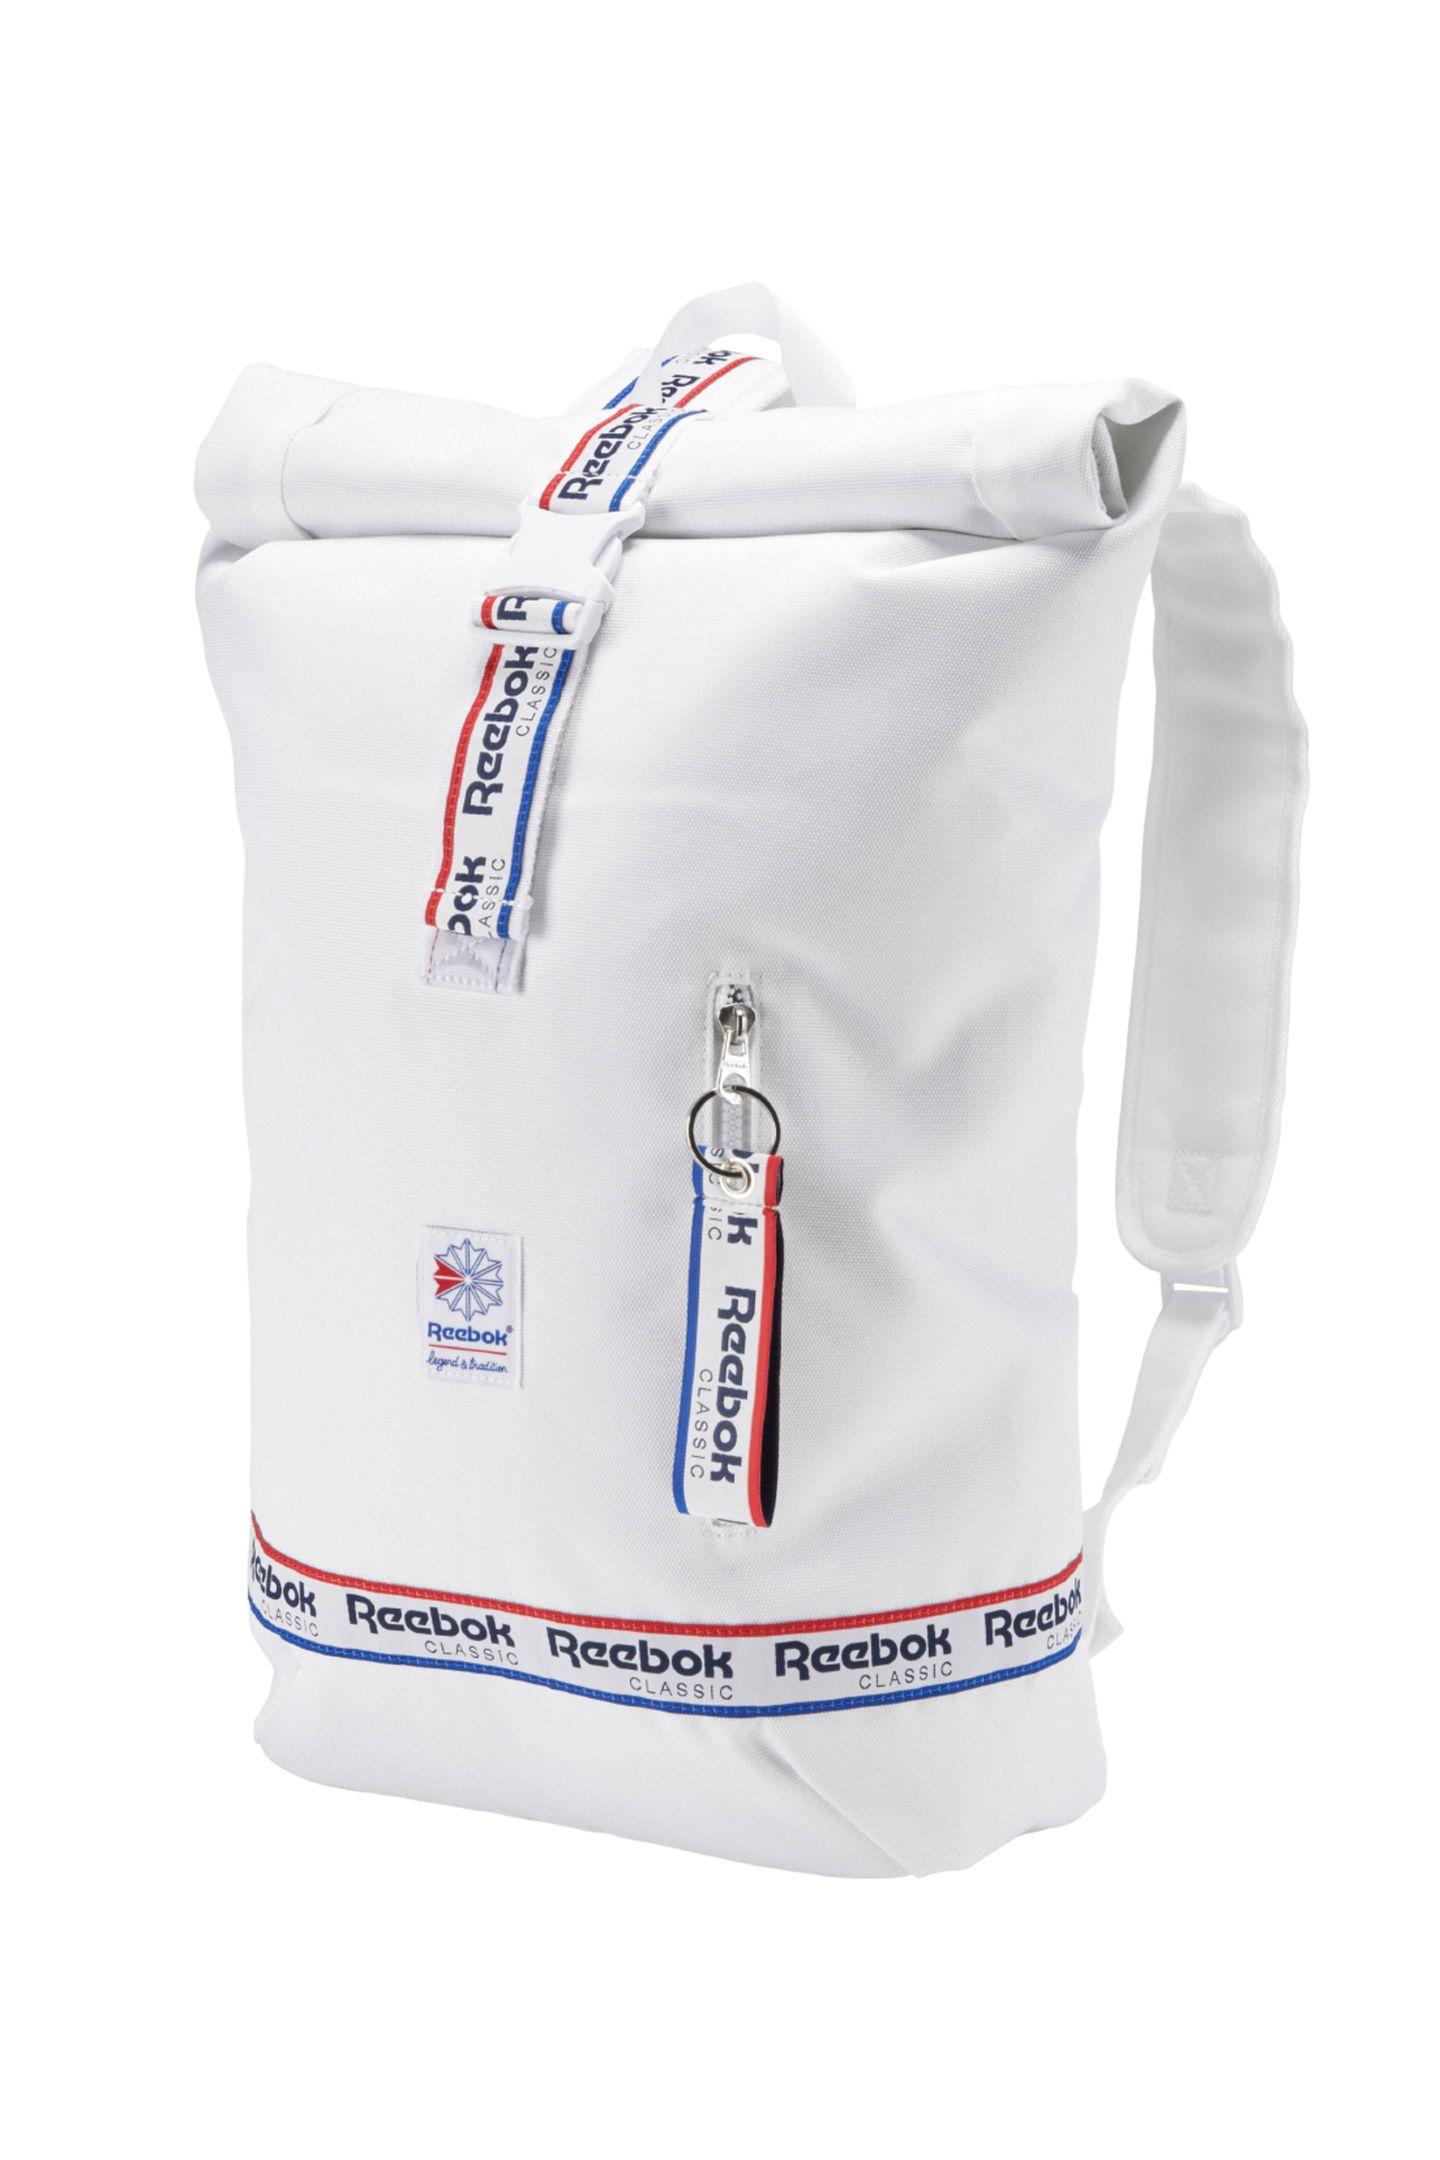 """Mit den klassischen Details und einem leicht nostalgischem Design kommt der """"Graphic Taping Backpack"""" daher. In den Rucksack passt wirklich alles. Und er sieht auch noch verdammt cool aus. Von Reebok, ca. 60 Euro."""